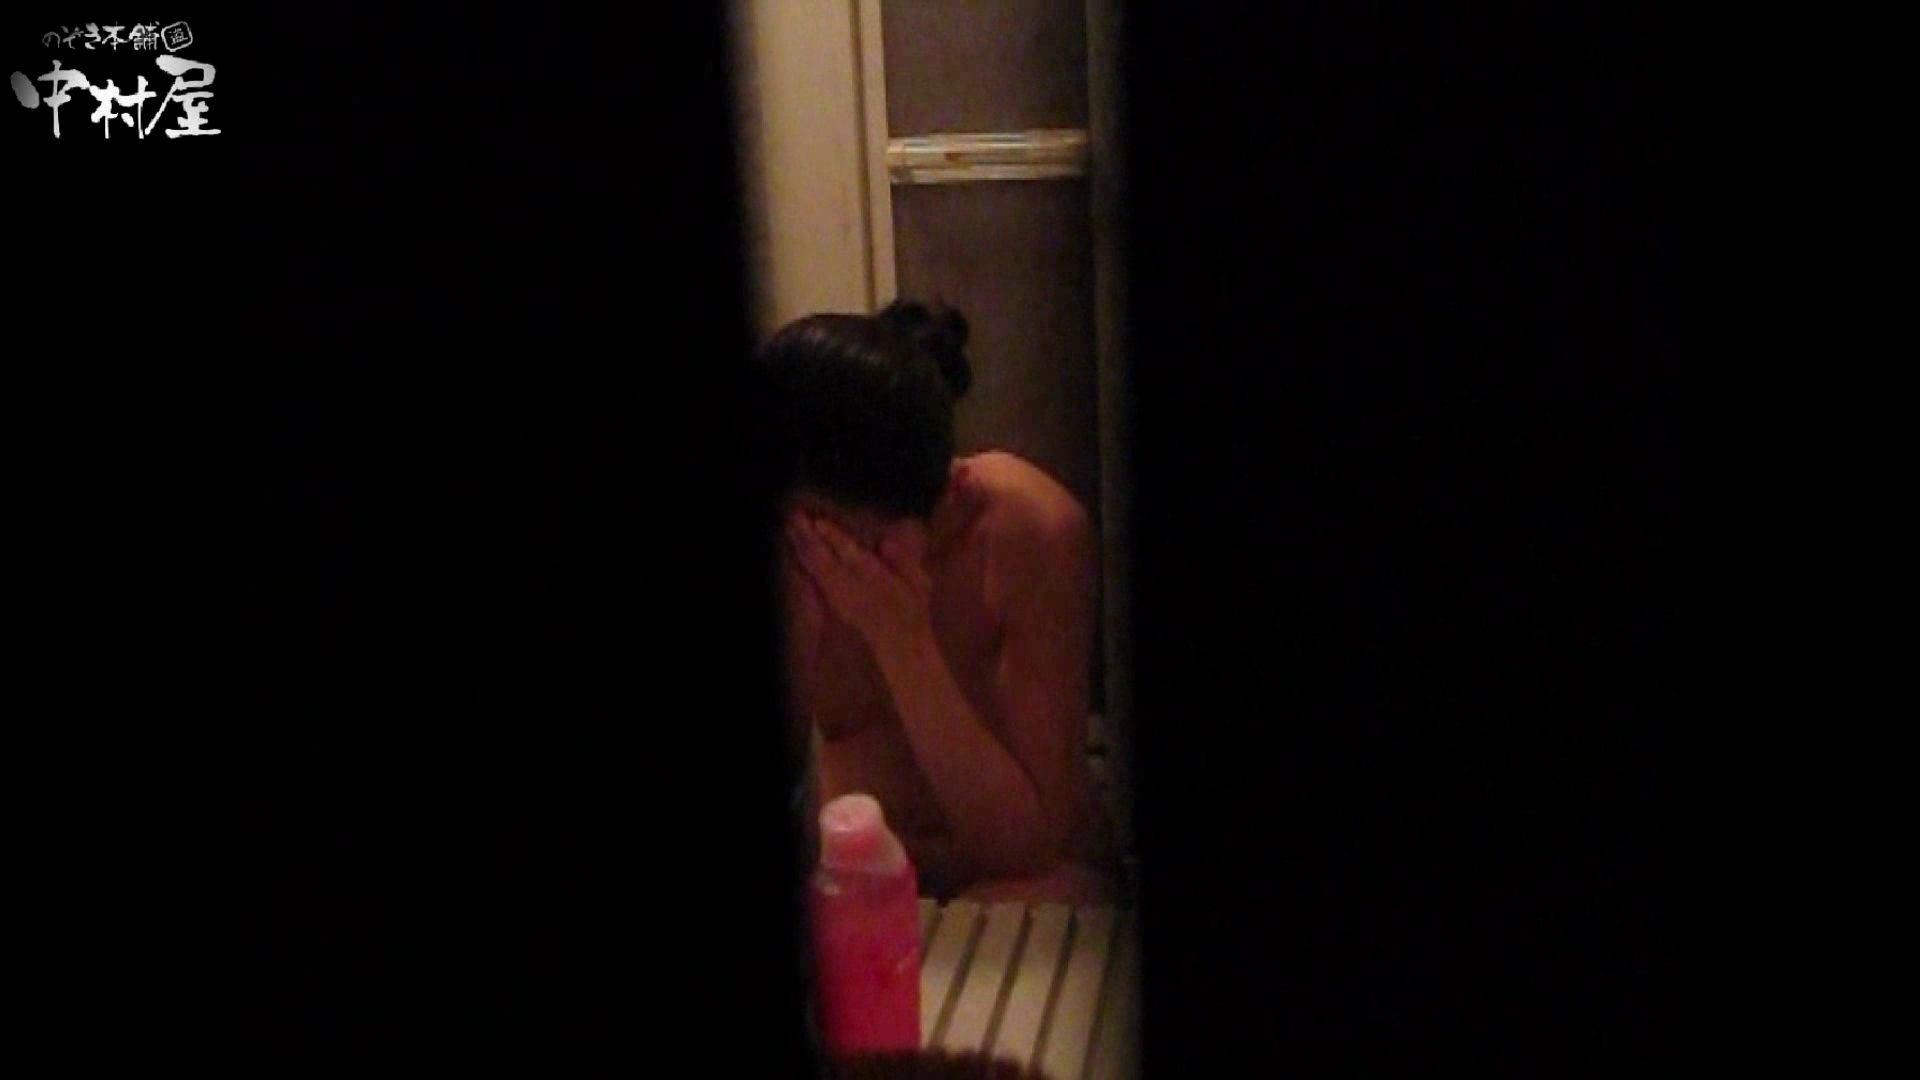 民家風呂専門盗撮師の超危険映像 vol.004 美女まとめ 盗撮画像 89PIX 78